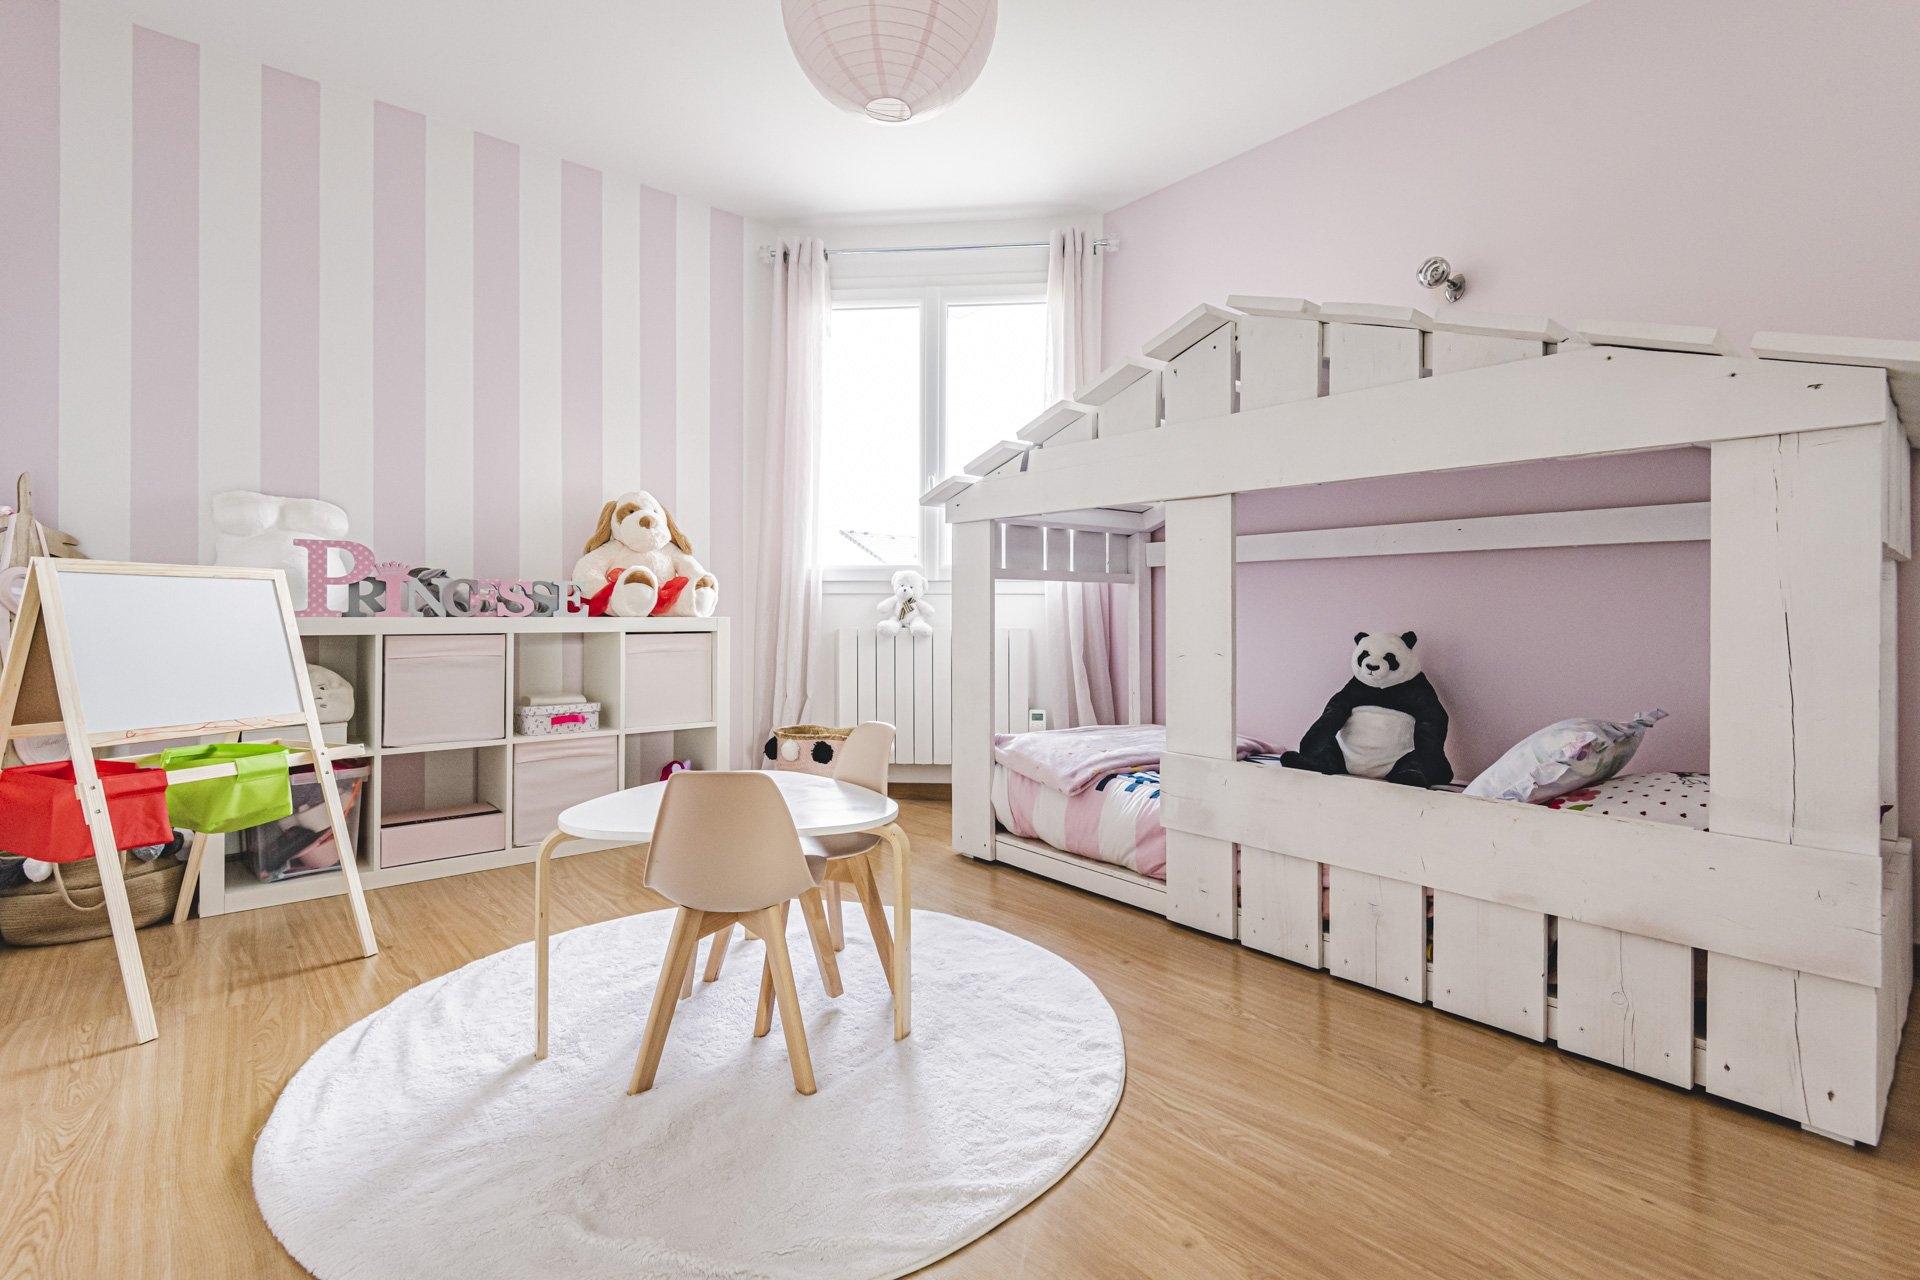 Maison Champigny 6 Pièces 160 m2 - 10